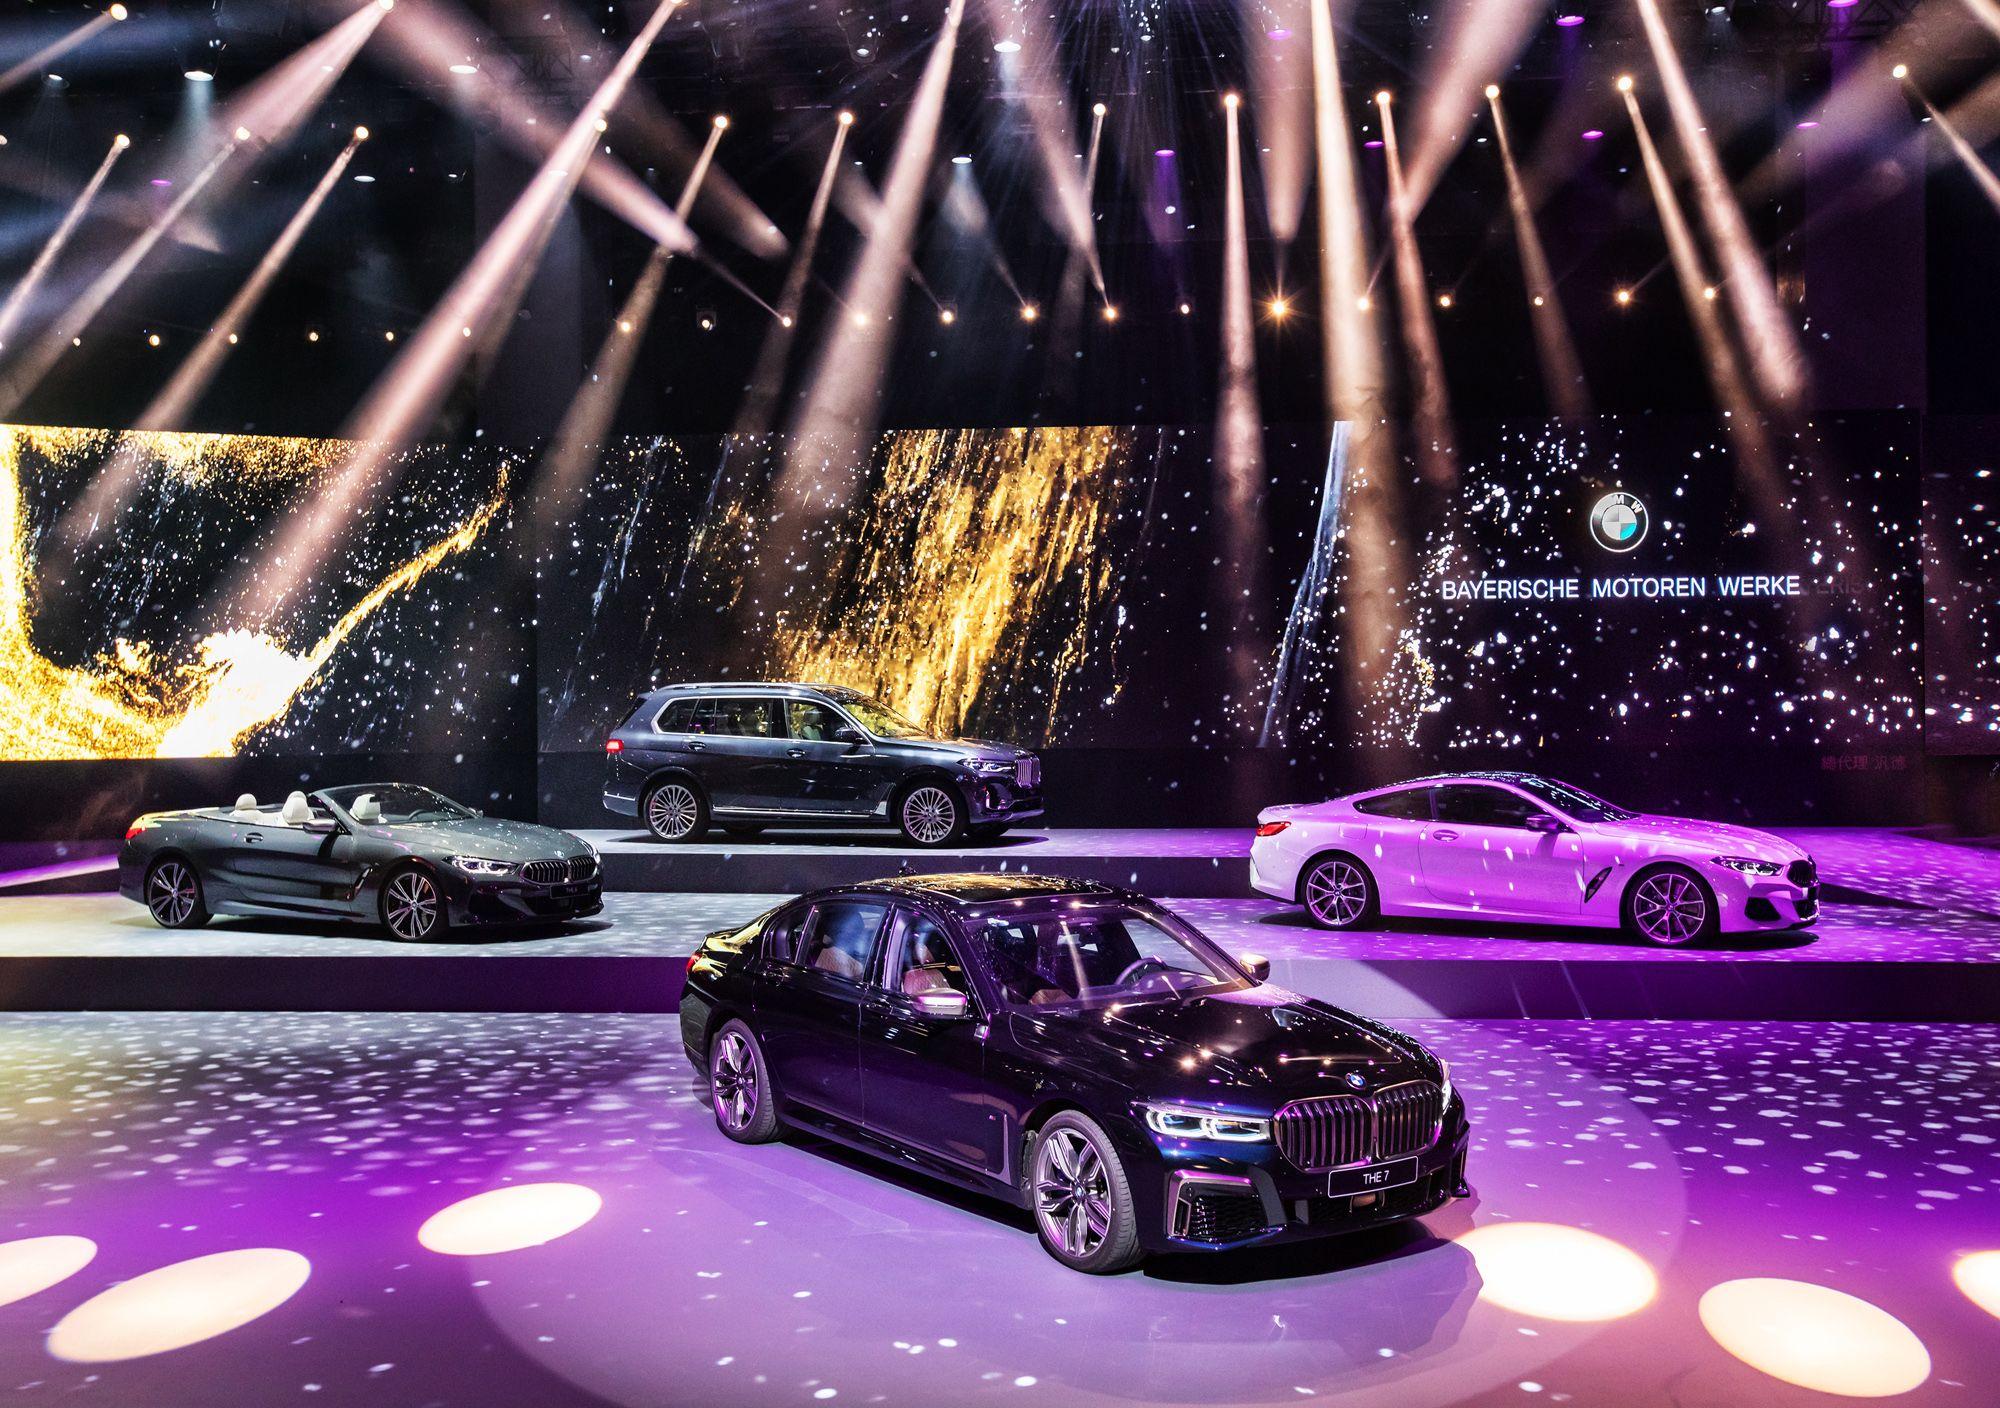 BMW重新定調奢華,將駕駛昇華為五感體驗